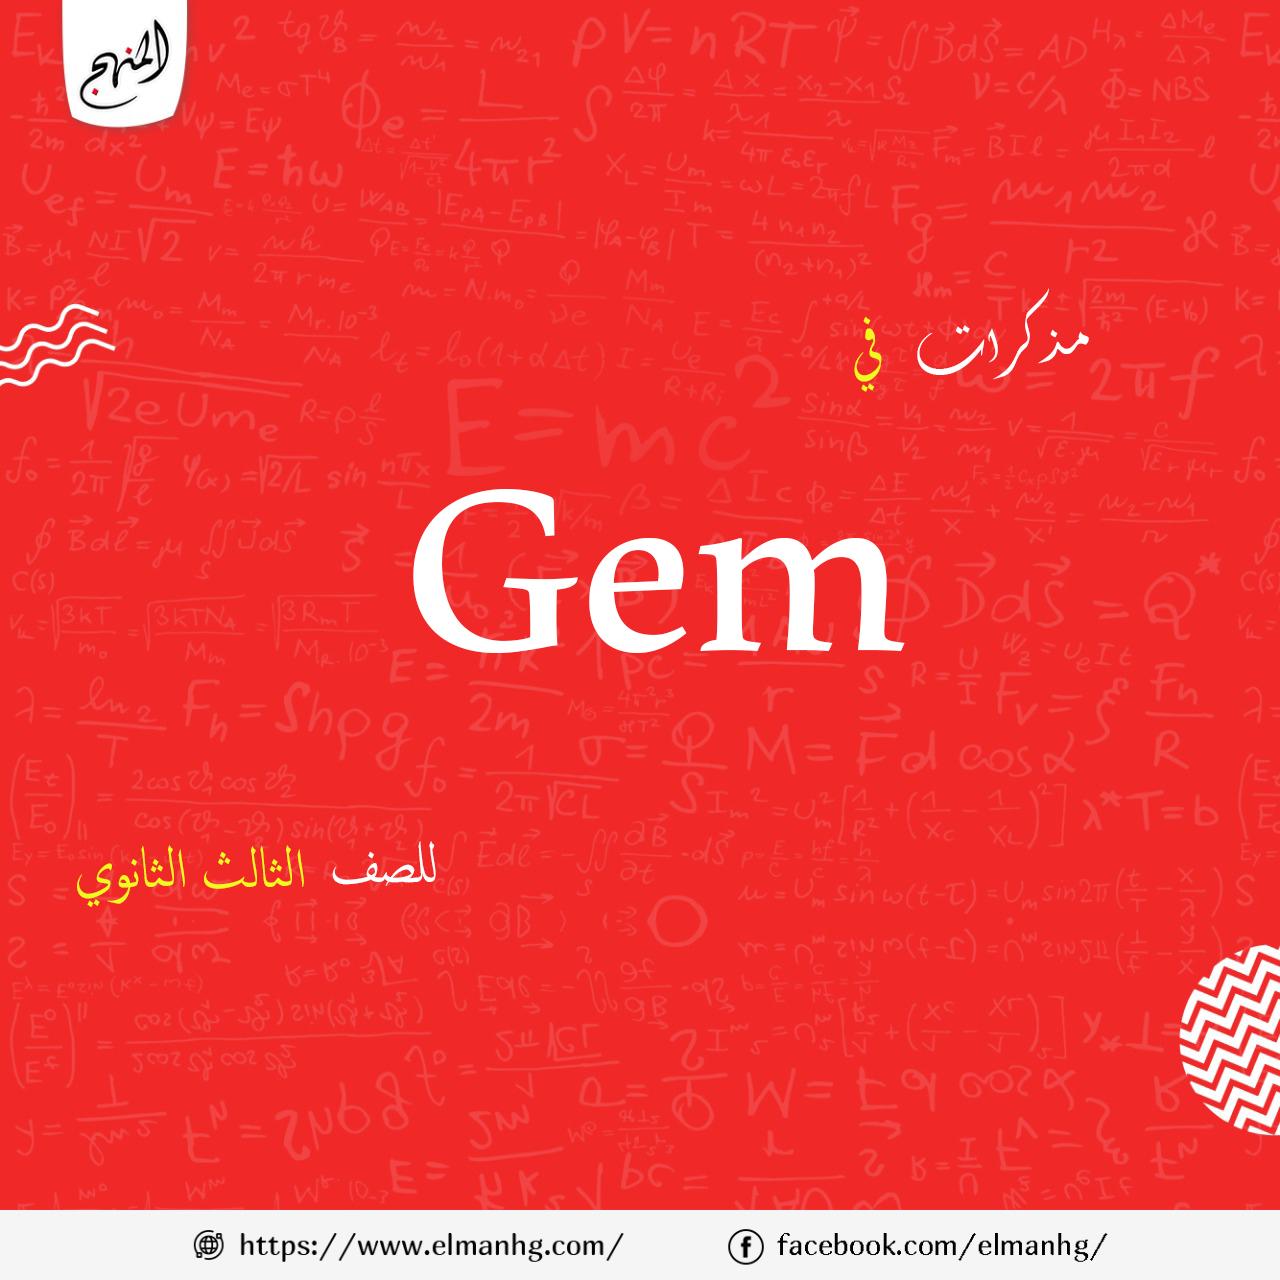 حمل كتاب Gem جيم للغه الإنجليزية للصف الثالث الثانوي